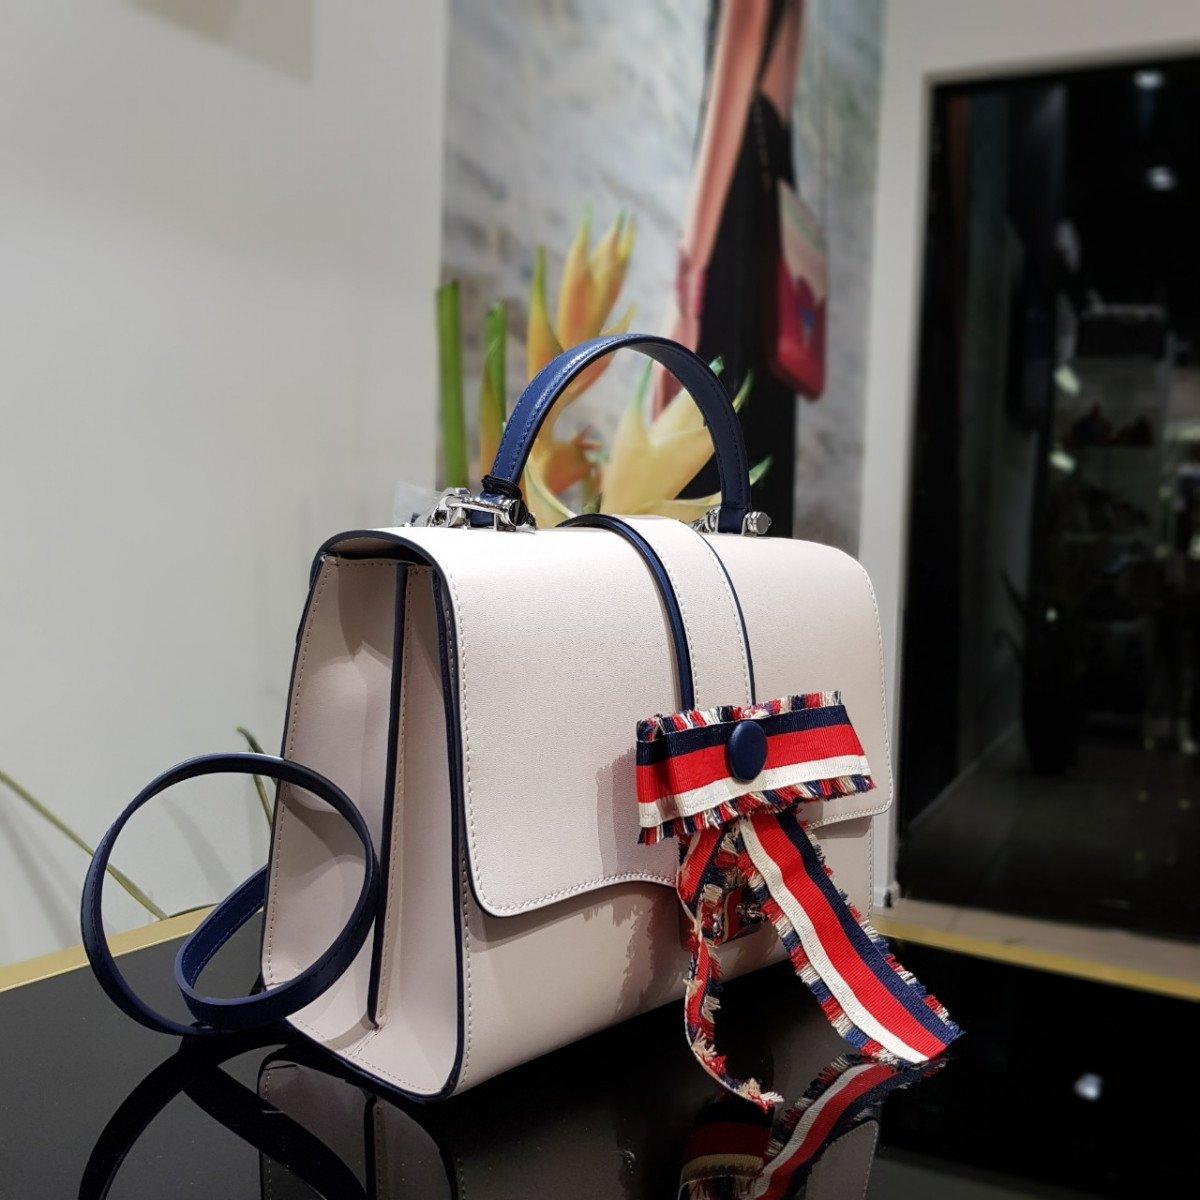 Женская кожаная сумка Tosca Blu TS198B280 ivory из натуральной кожи